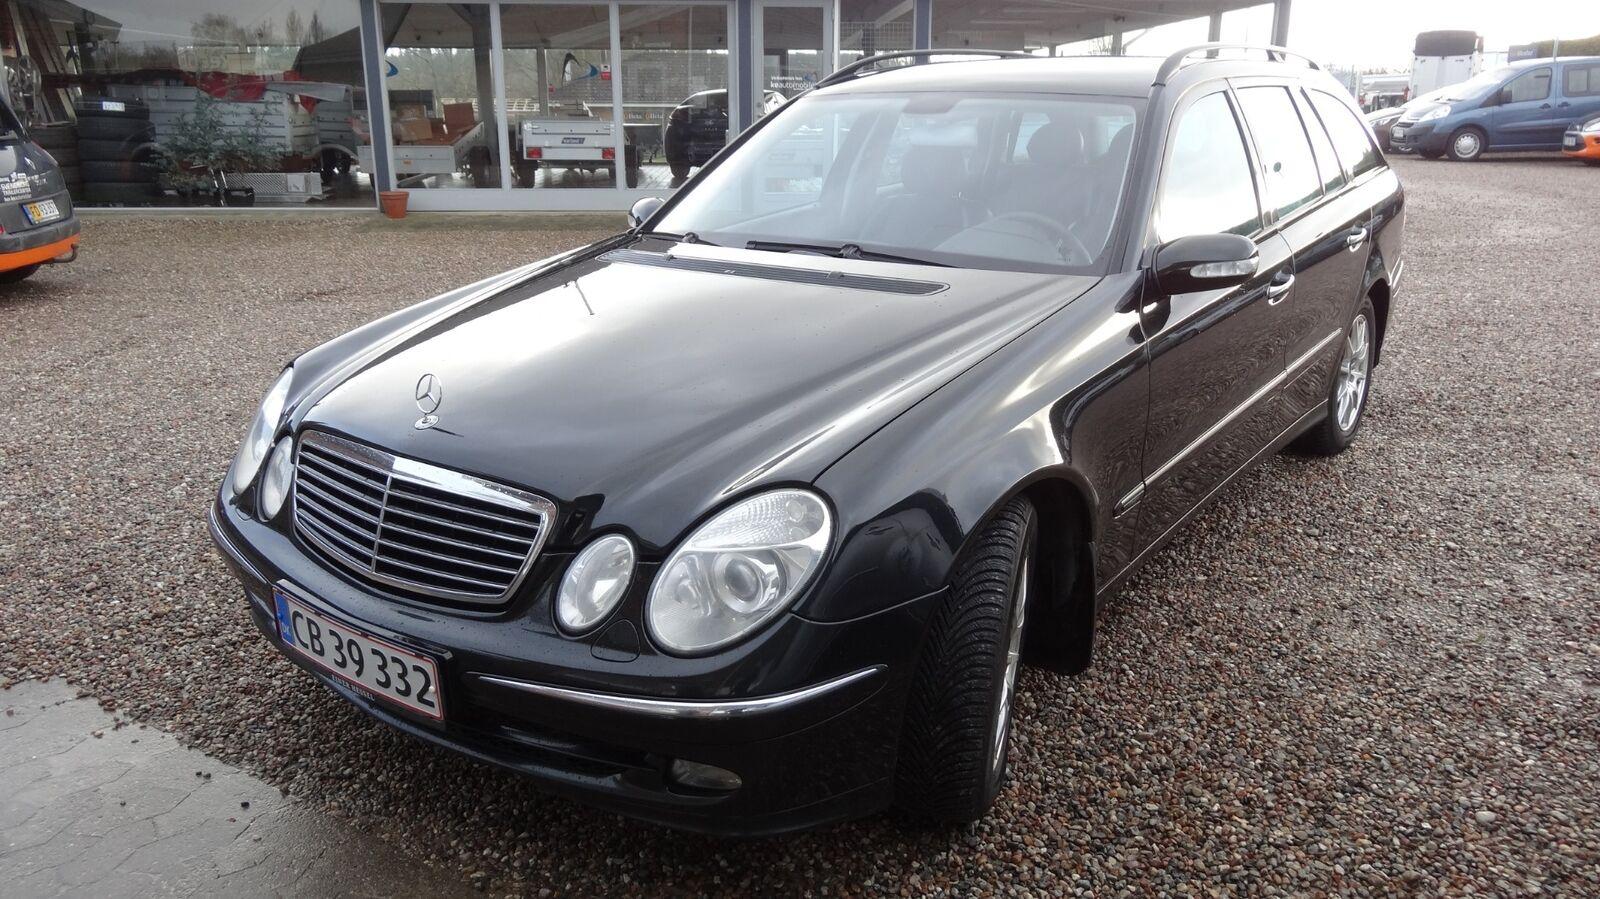 Mercedes E320 CDi Avantgarde Stc. Aut. 3,2 Diesel 204 Hk (2004)